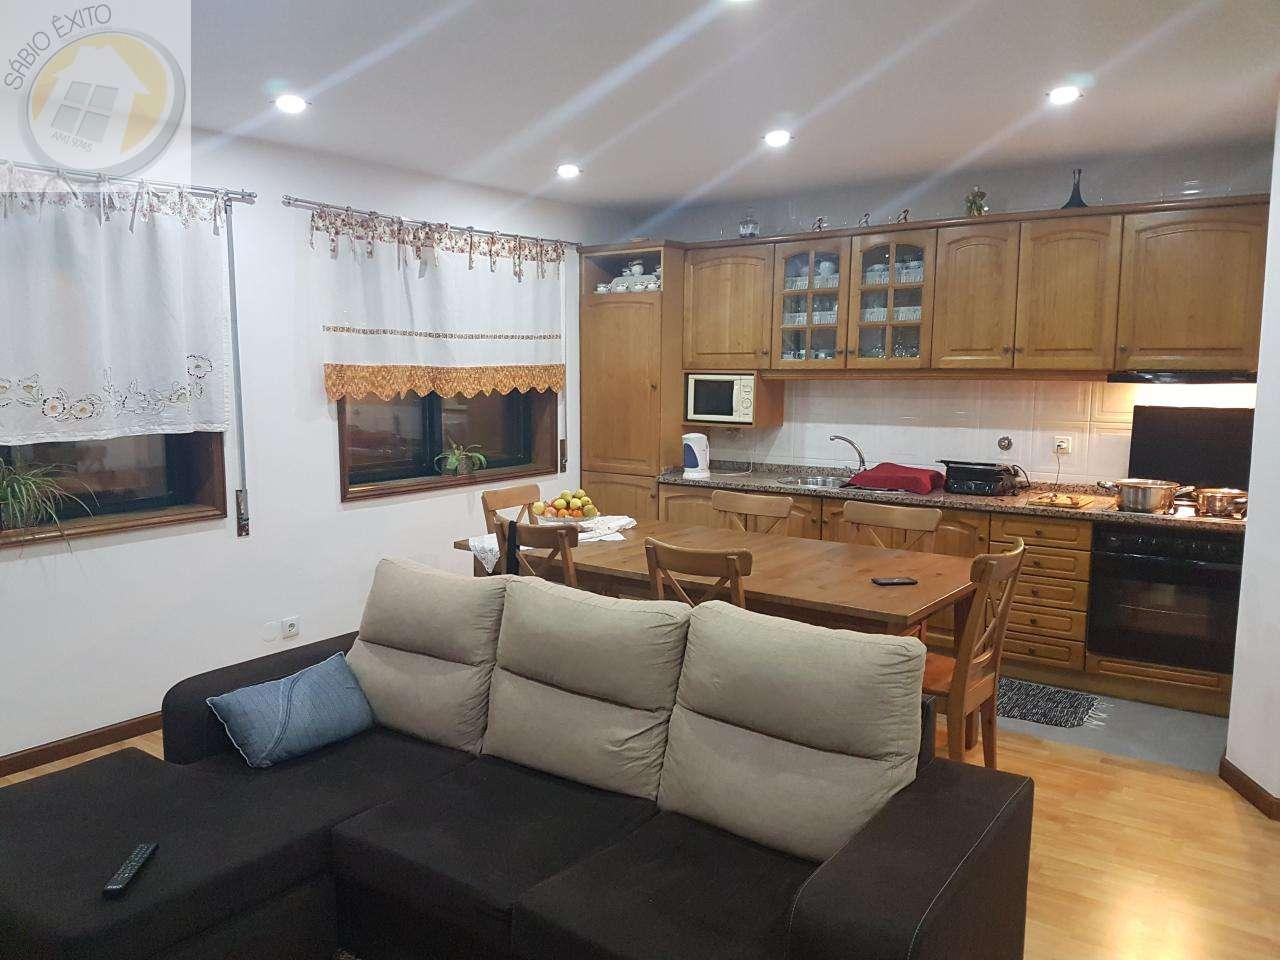 Apartamento para comprar, Paços de Brandão, Santa Maria da Feira, Aveiro - Foto 2